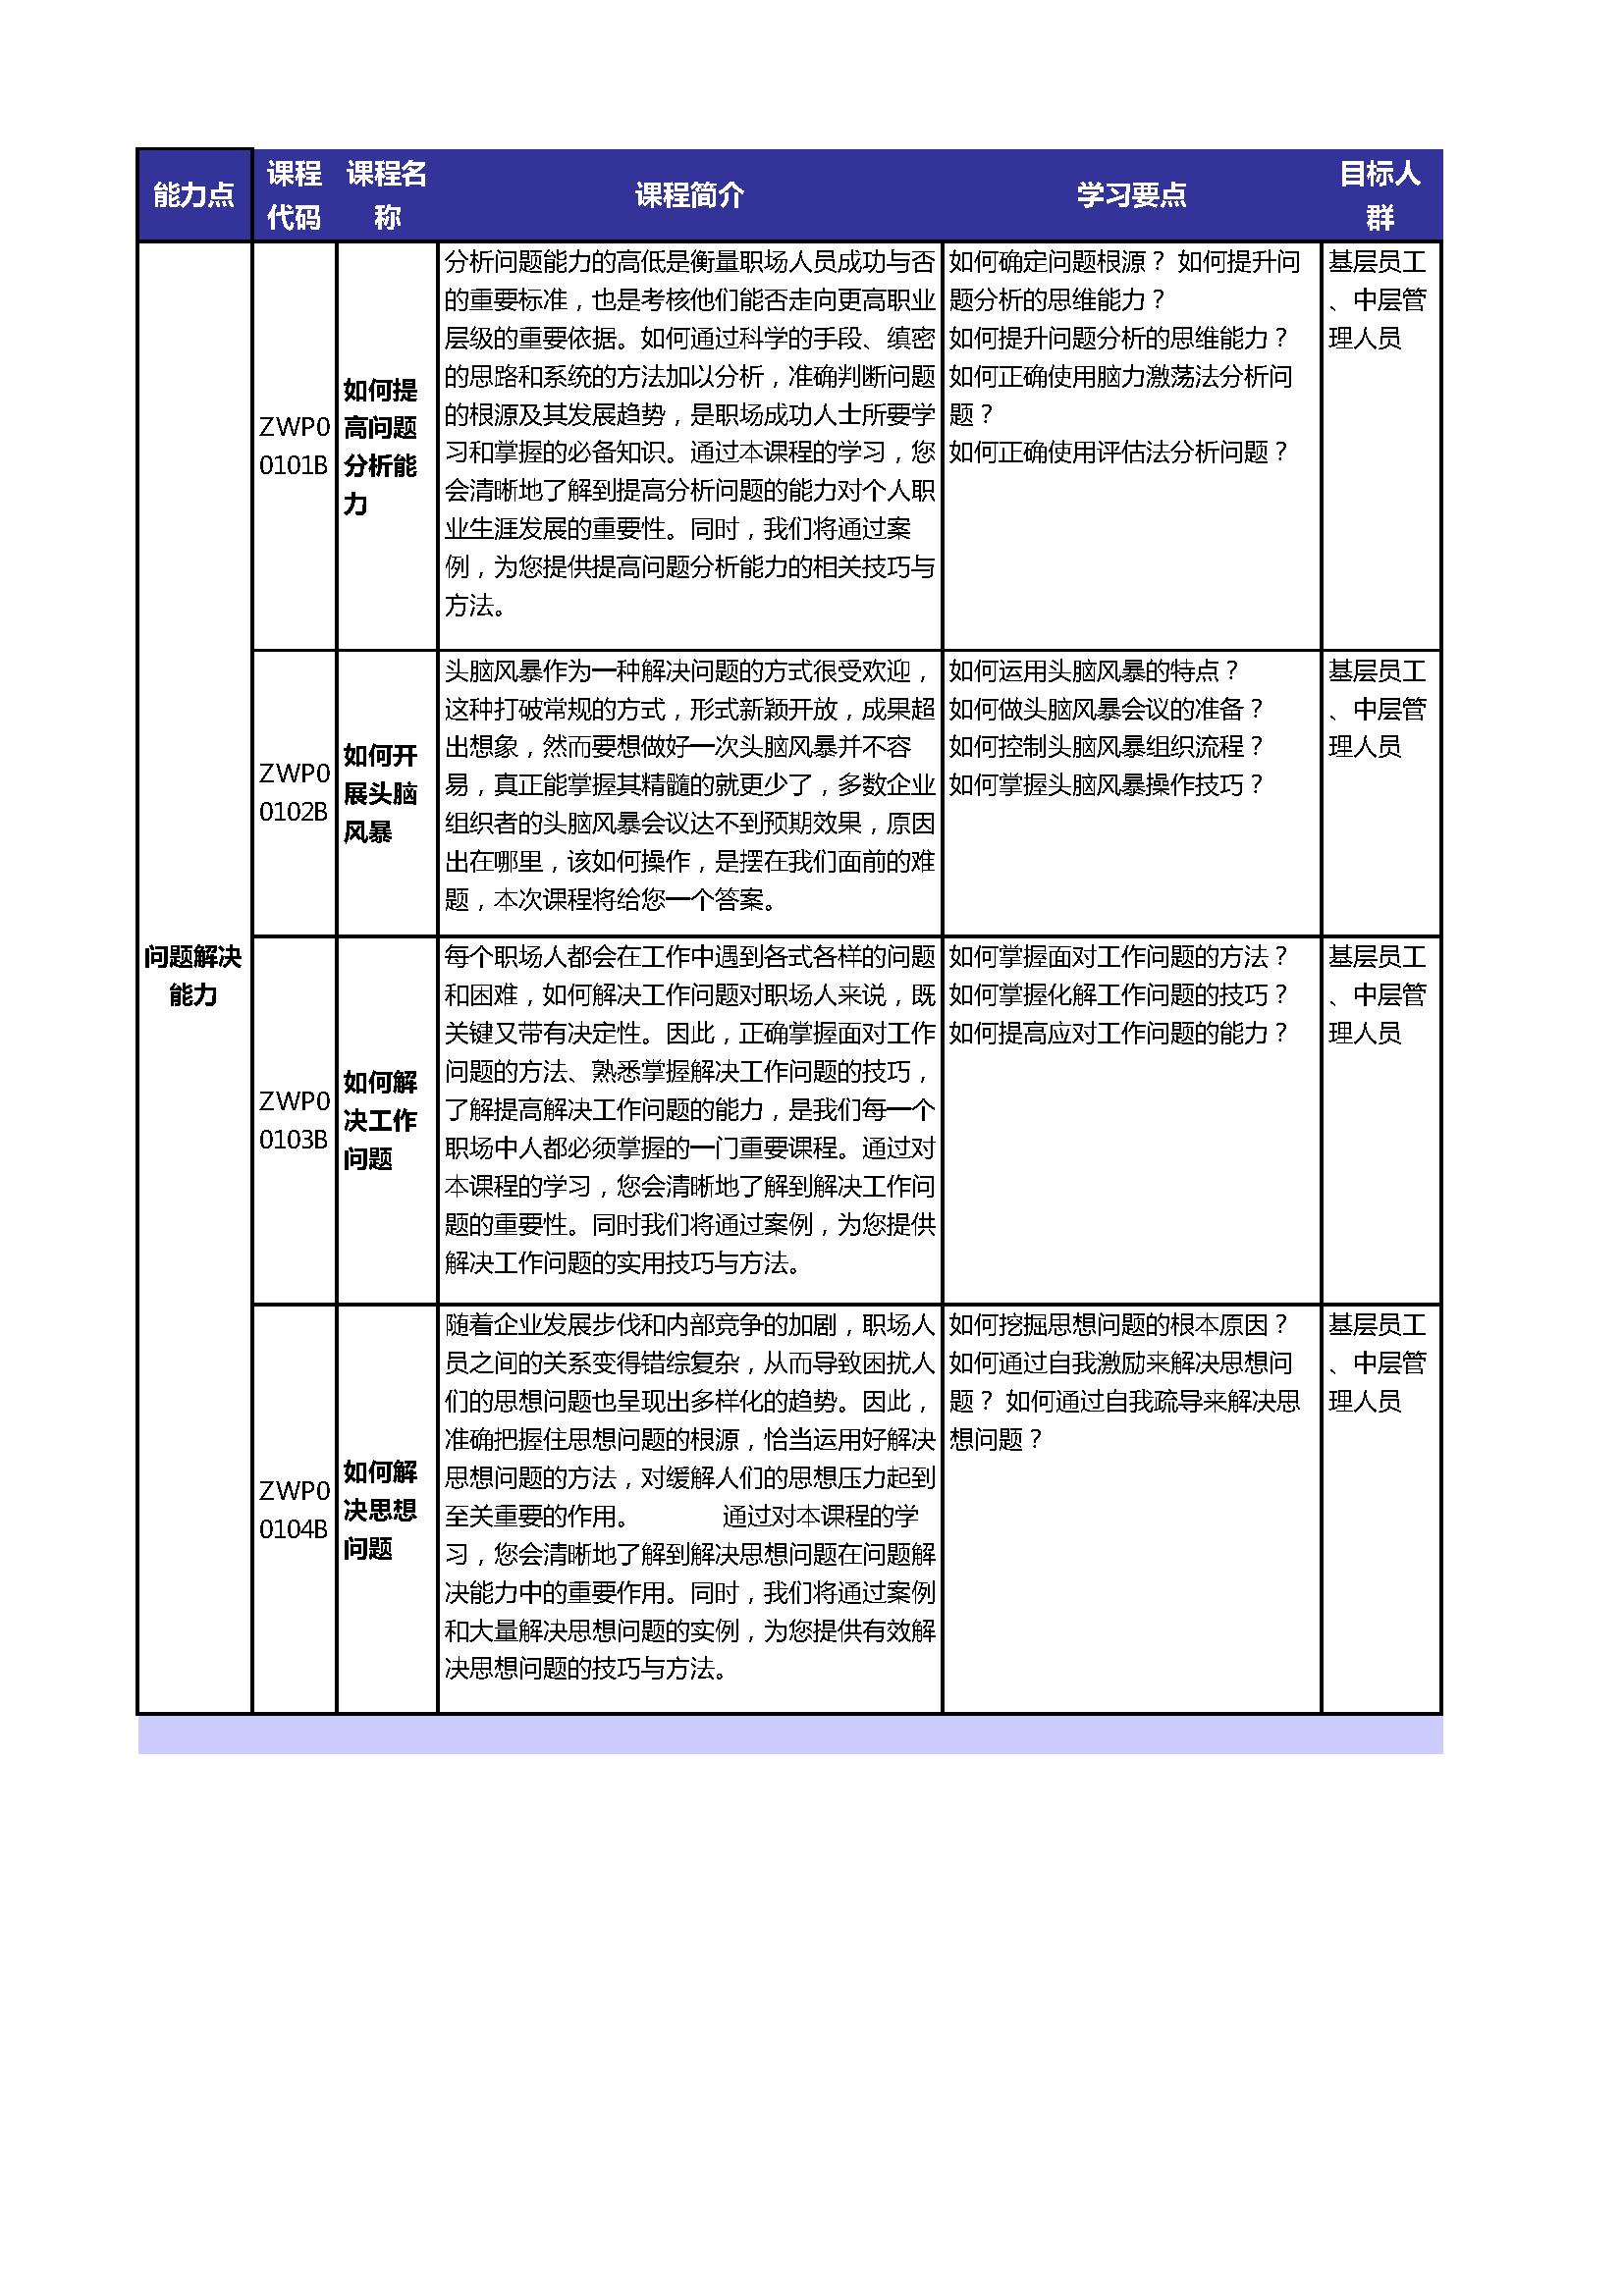 创孵学院拟定课程目录_页面_002.png